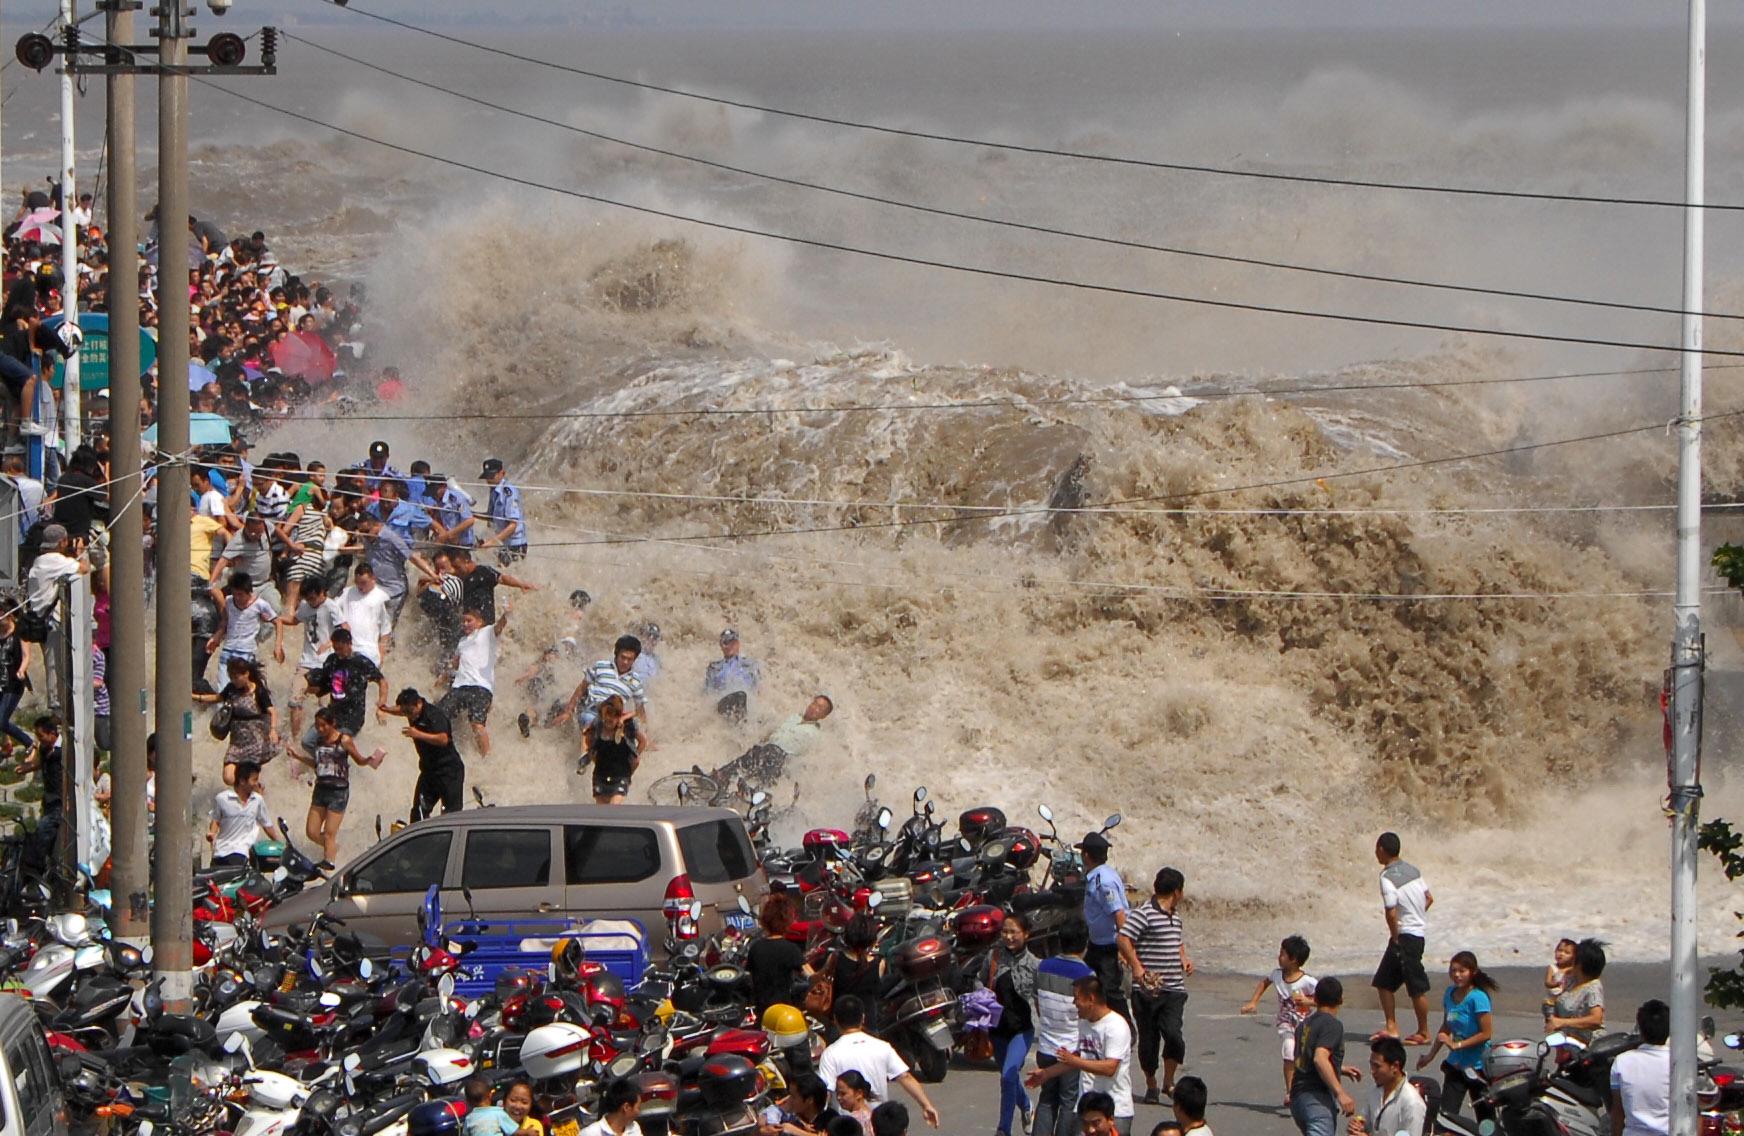 Толпа китайских туристов убегает от приливной волны прорывающейся через плотину на реке Qiangtang в Haining, на востоке Китая провинции Чжэцзян 31 августа 2011 года. Фото: STR / AFP / Getty Images